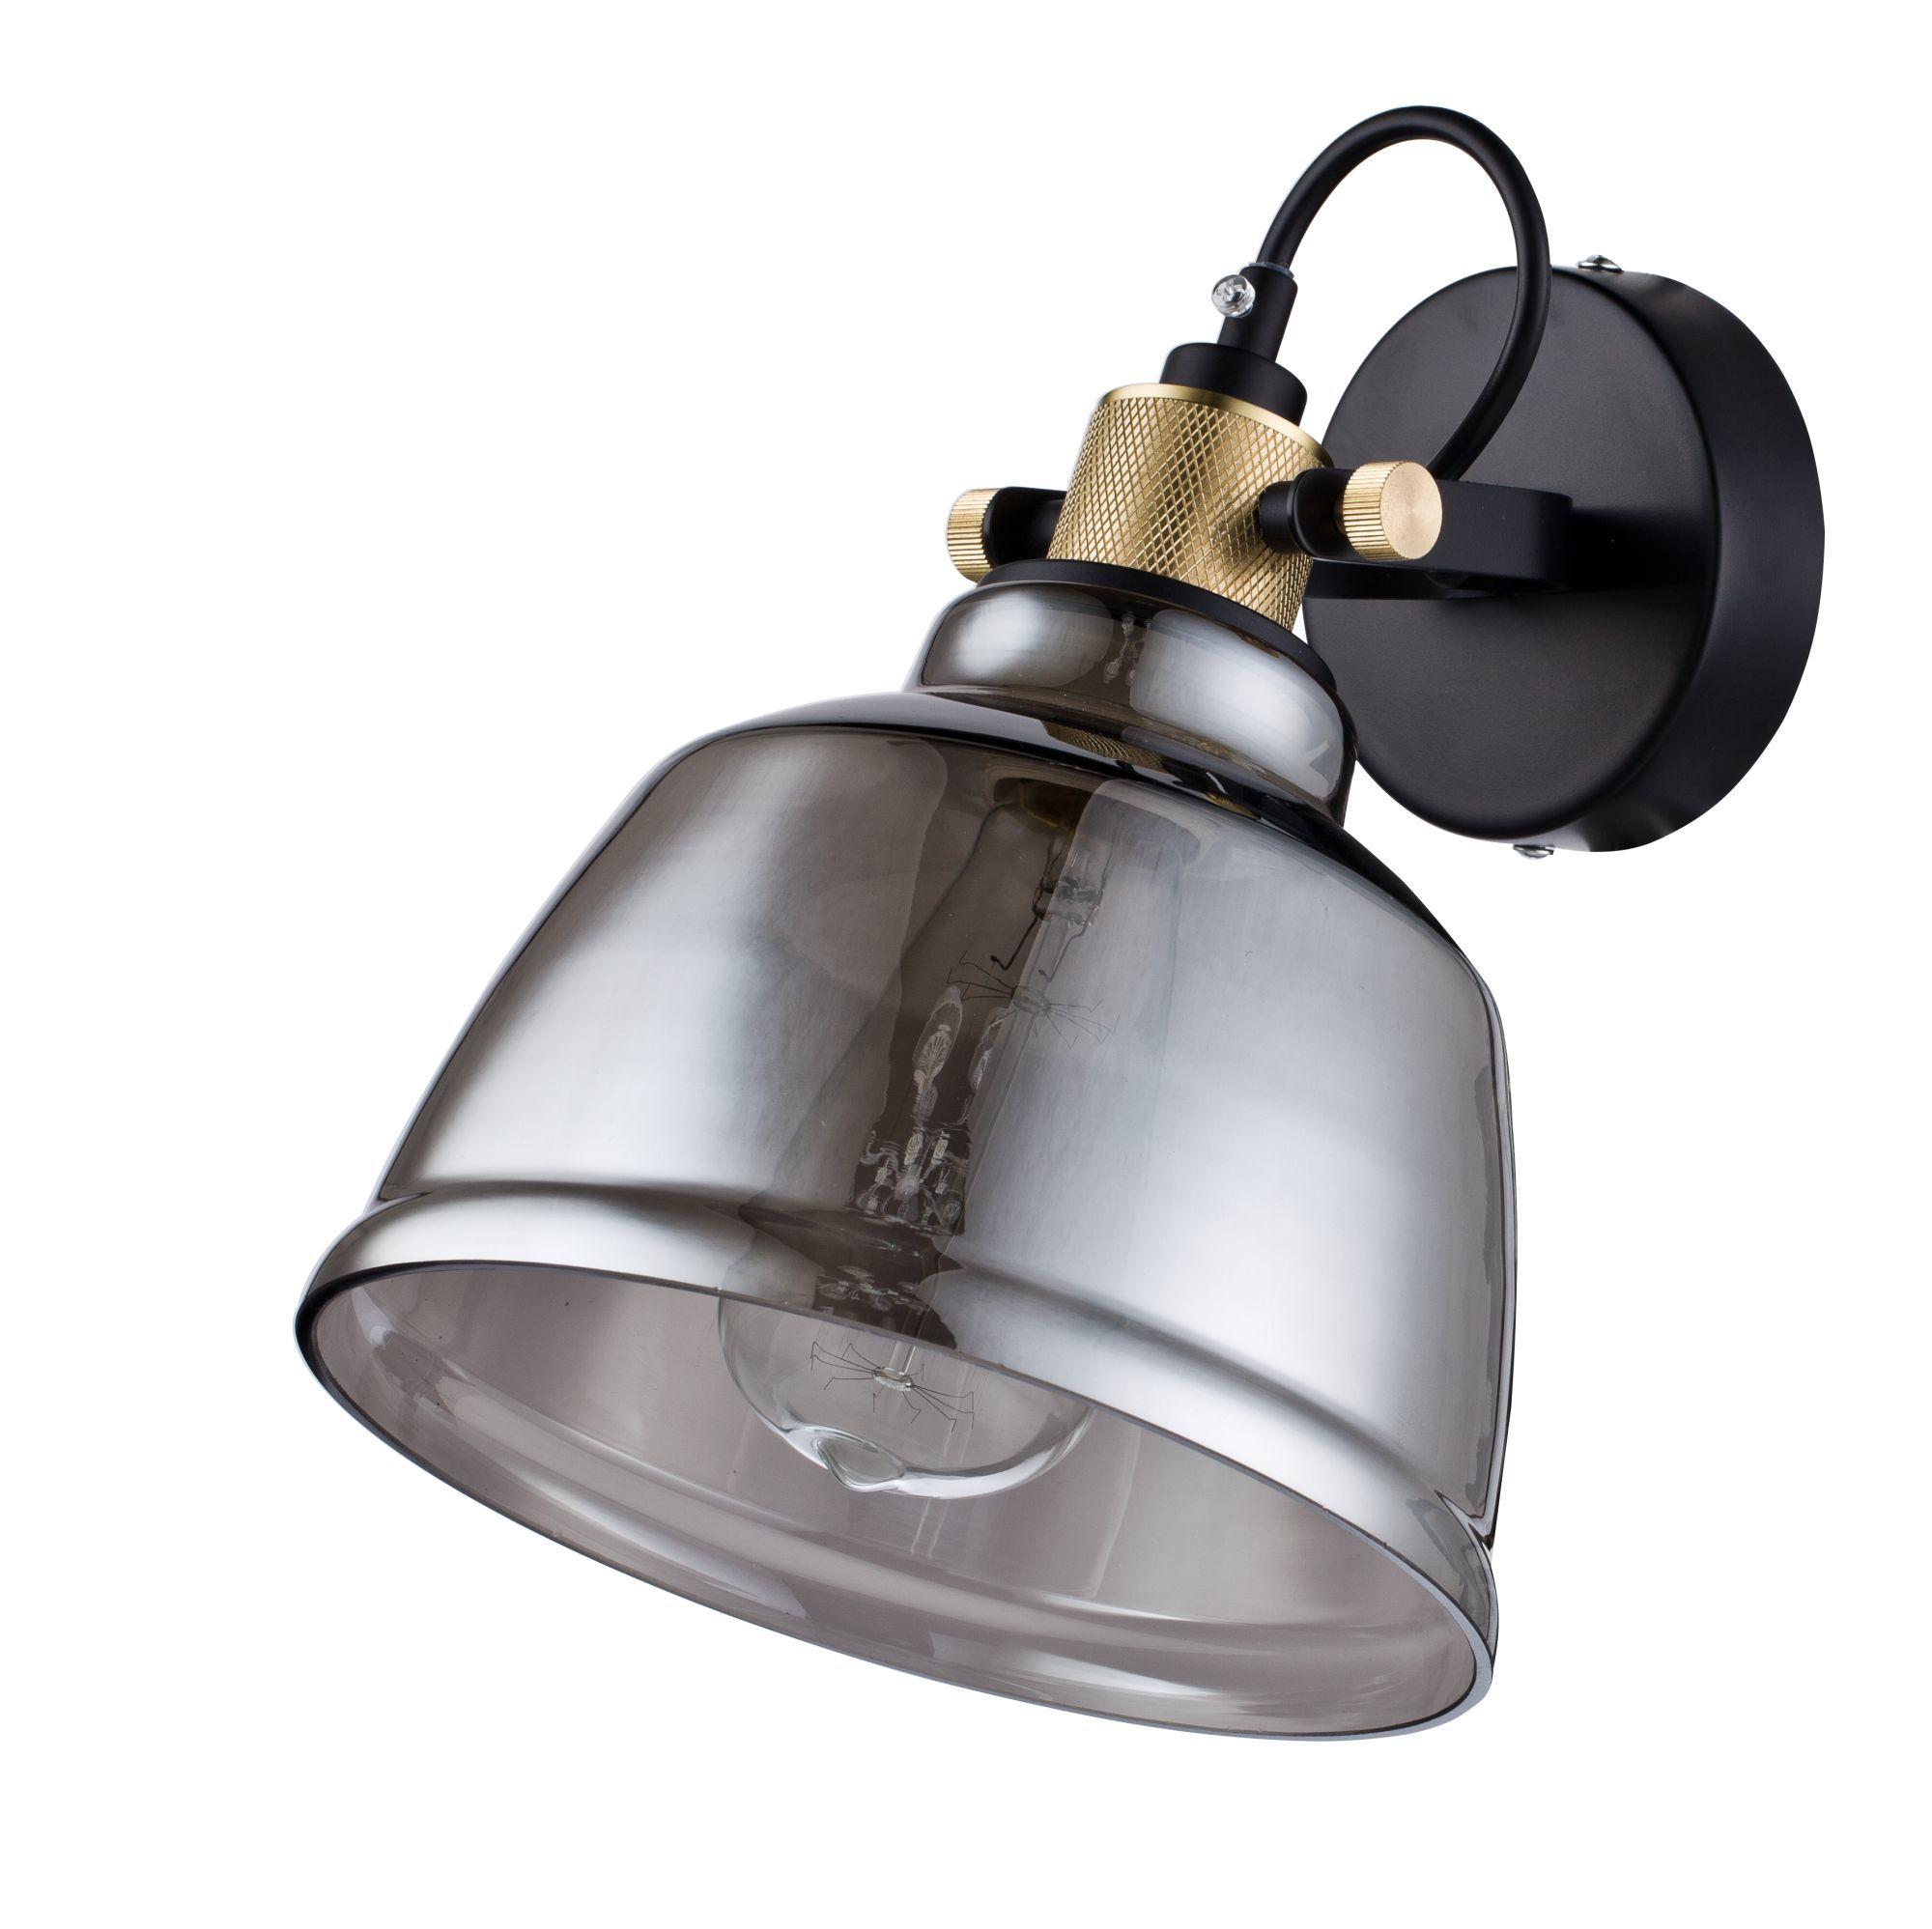 Настенный светильник с регулировкой направления света Maytoni Modern Irving T163-01-C, 1xE27x40W, черный, дымчатый, металл, стекло - фото 3